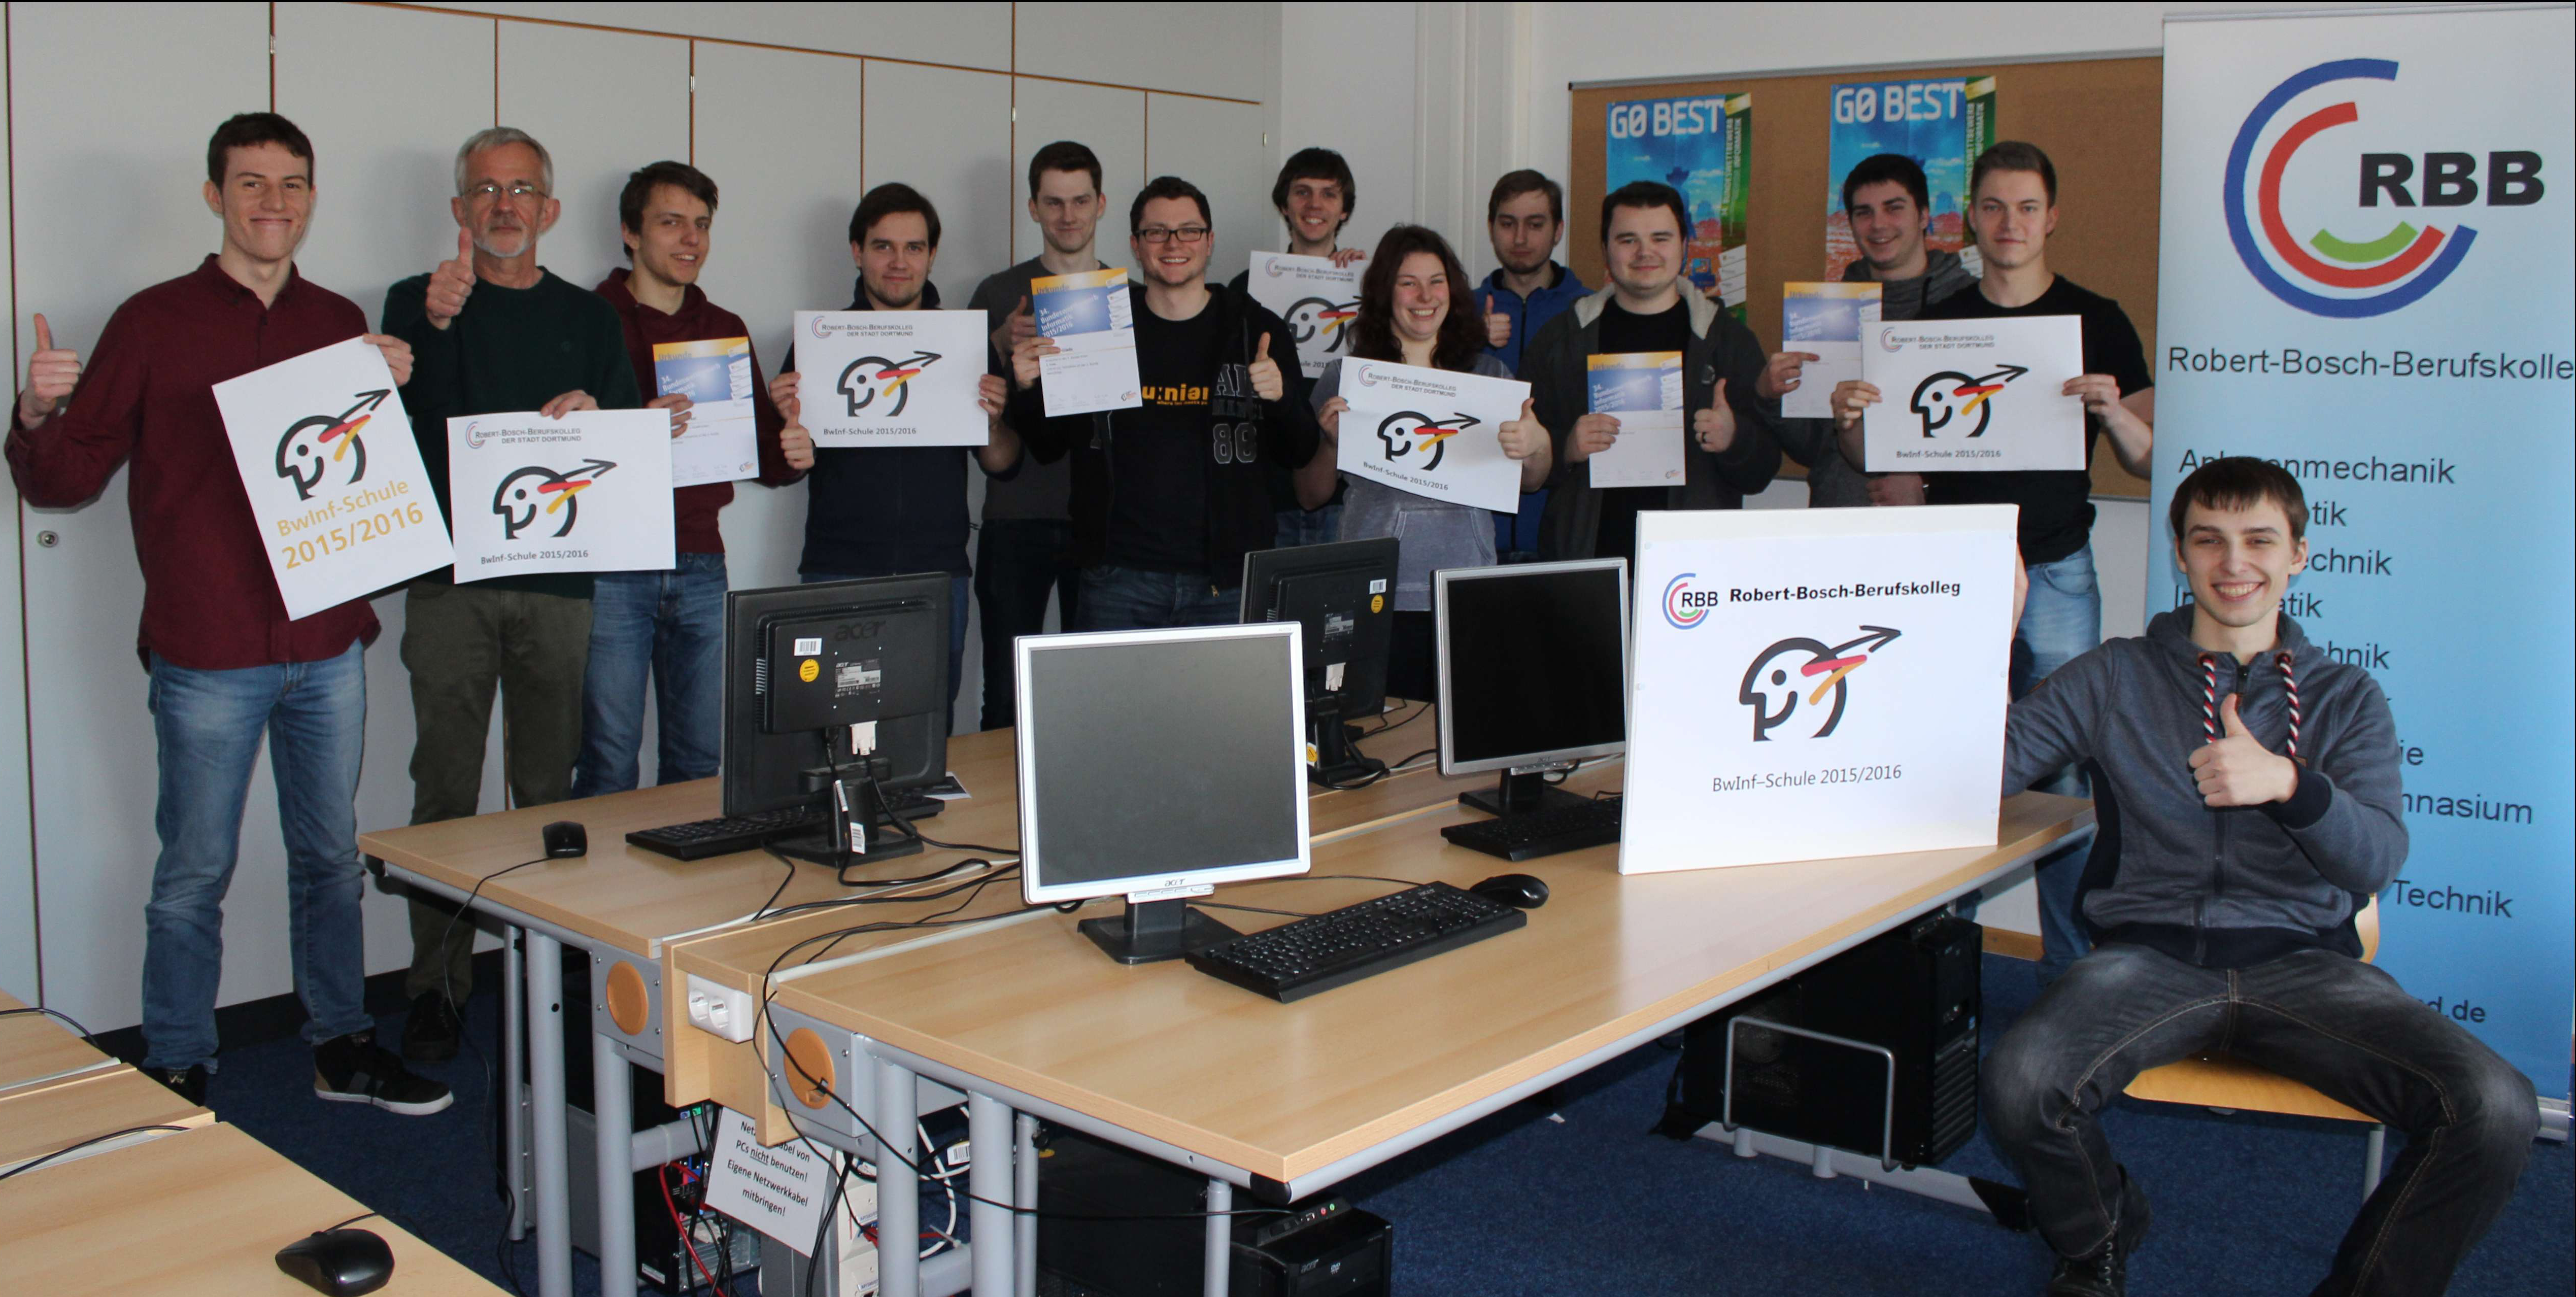 Foto: Lehrer Reiner Cichoski freut sich gemeinsam mit seinen Schülern über das erworbene Qualitätslogo.